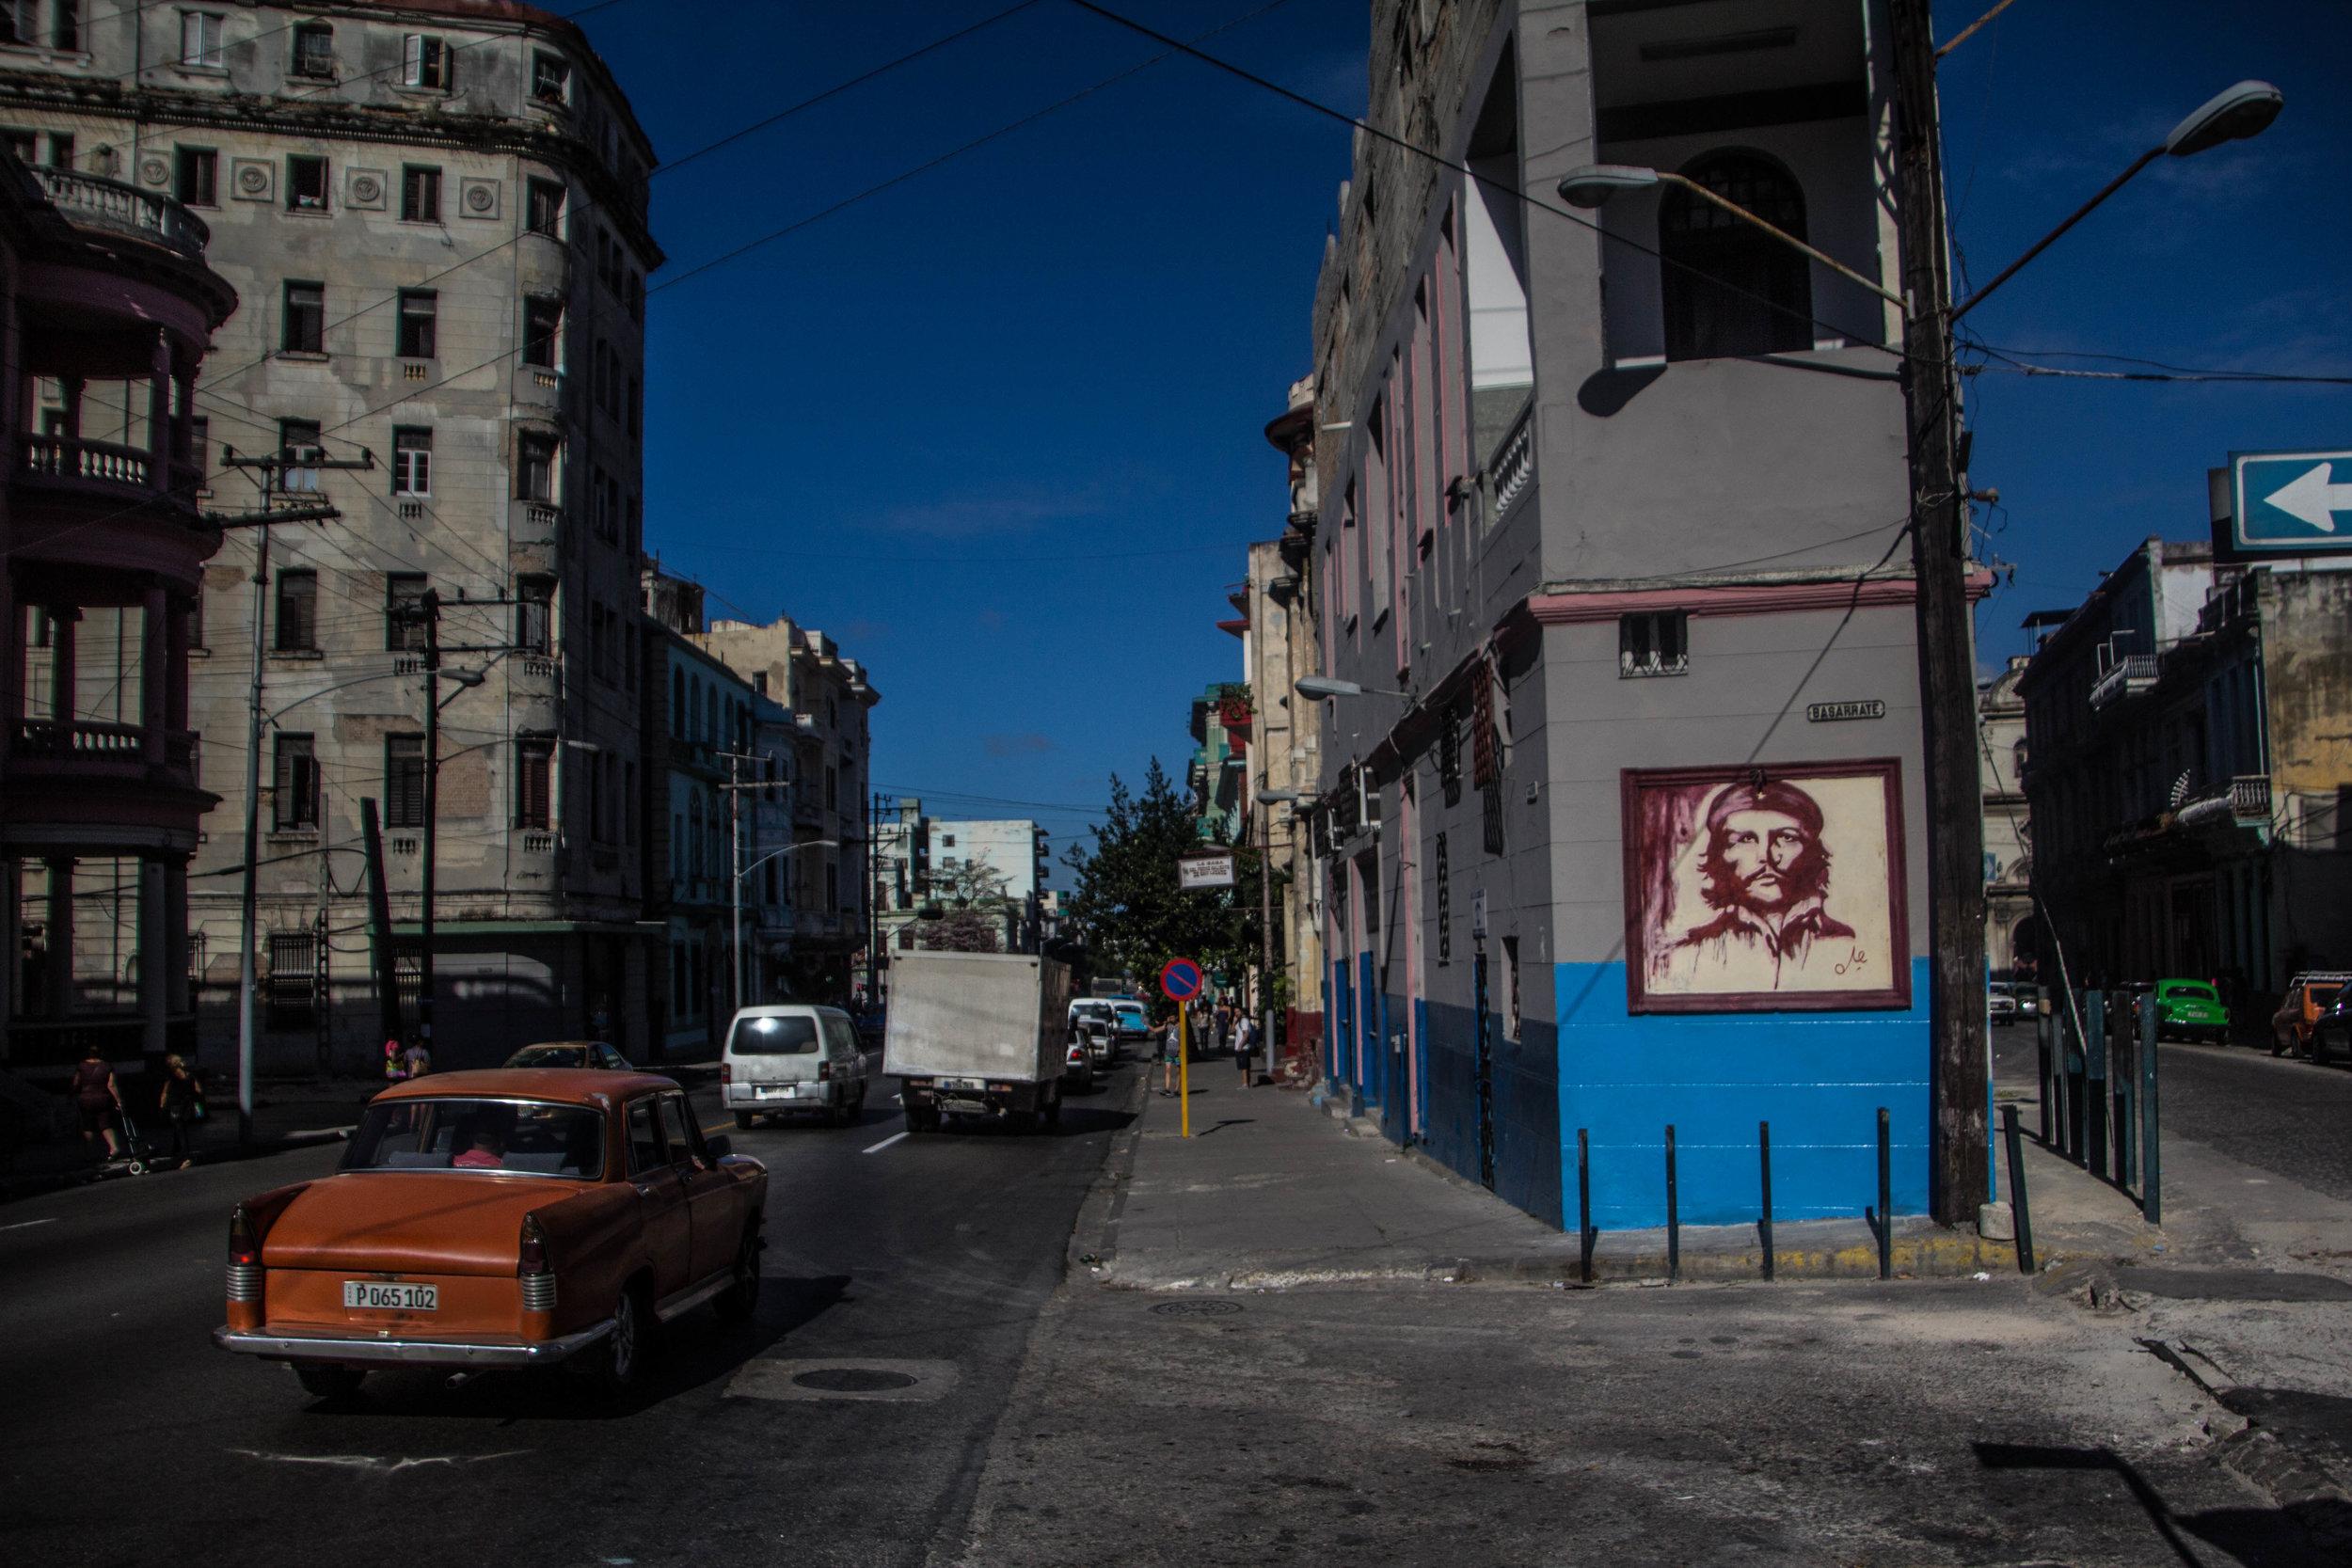 vedado havana cuba streets-1-2-2.jpg